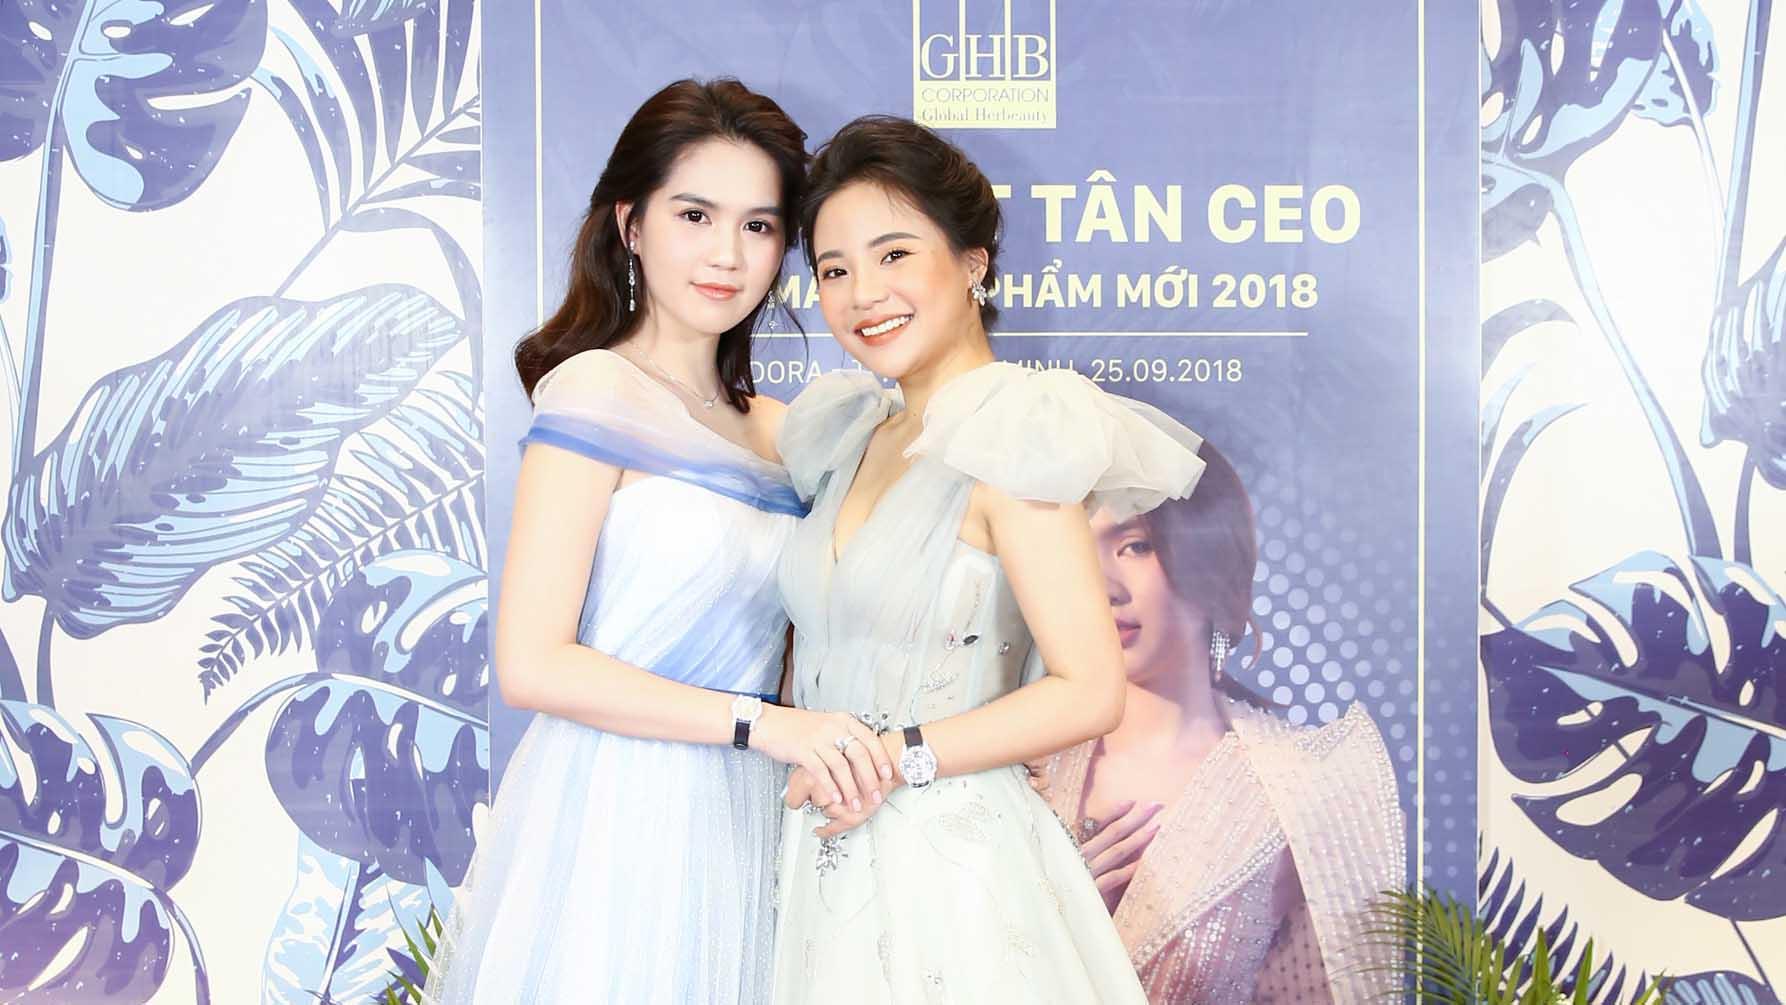 Ngọc Trinh xinh lung linh trong ngày ra mắt tân CEO GHB Corporation